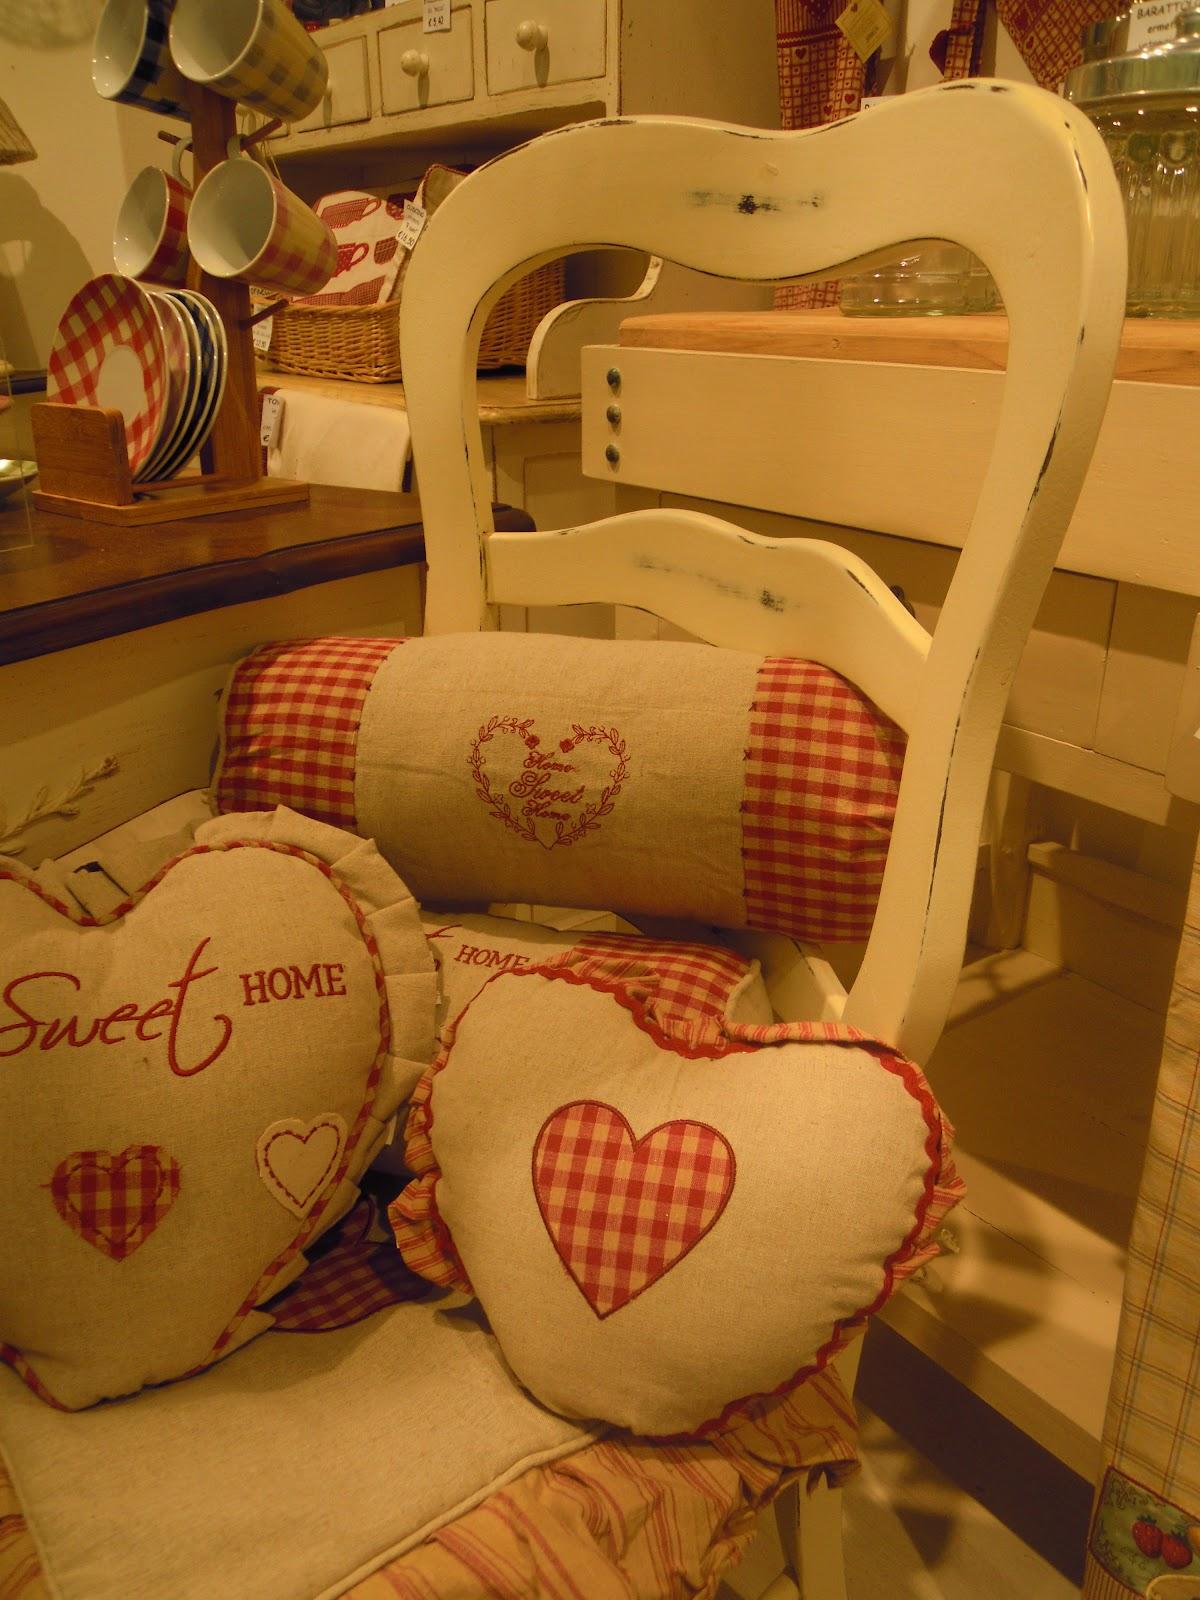 Il girasole nuove idee per la casa piccoli particolari - Casa country style ...